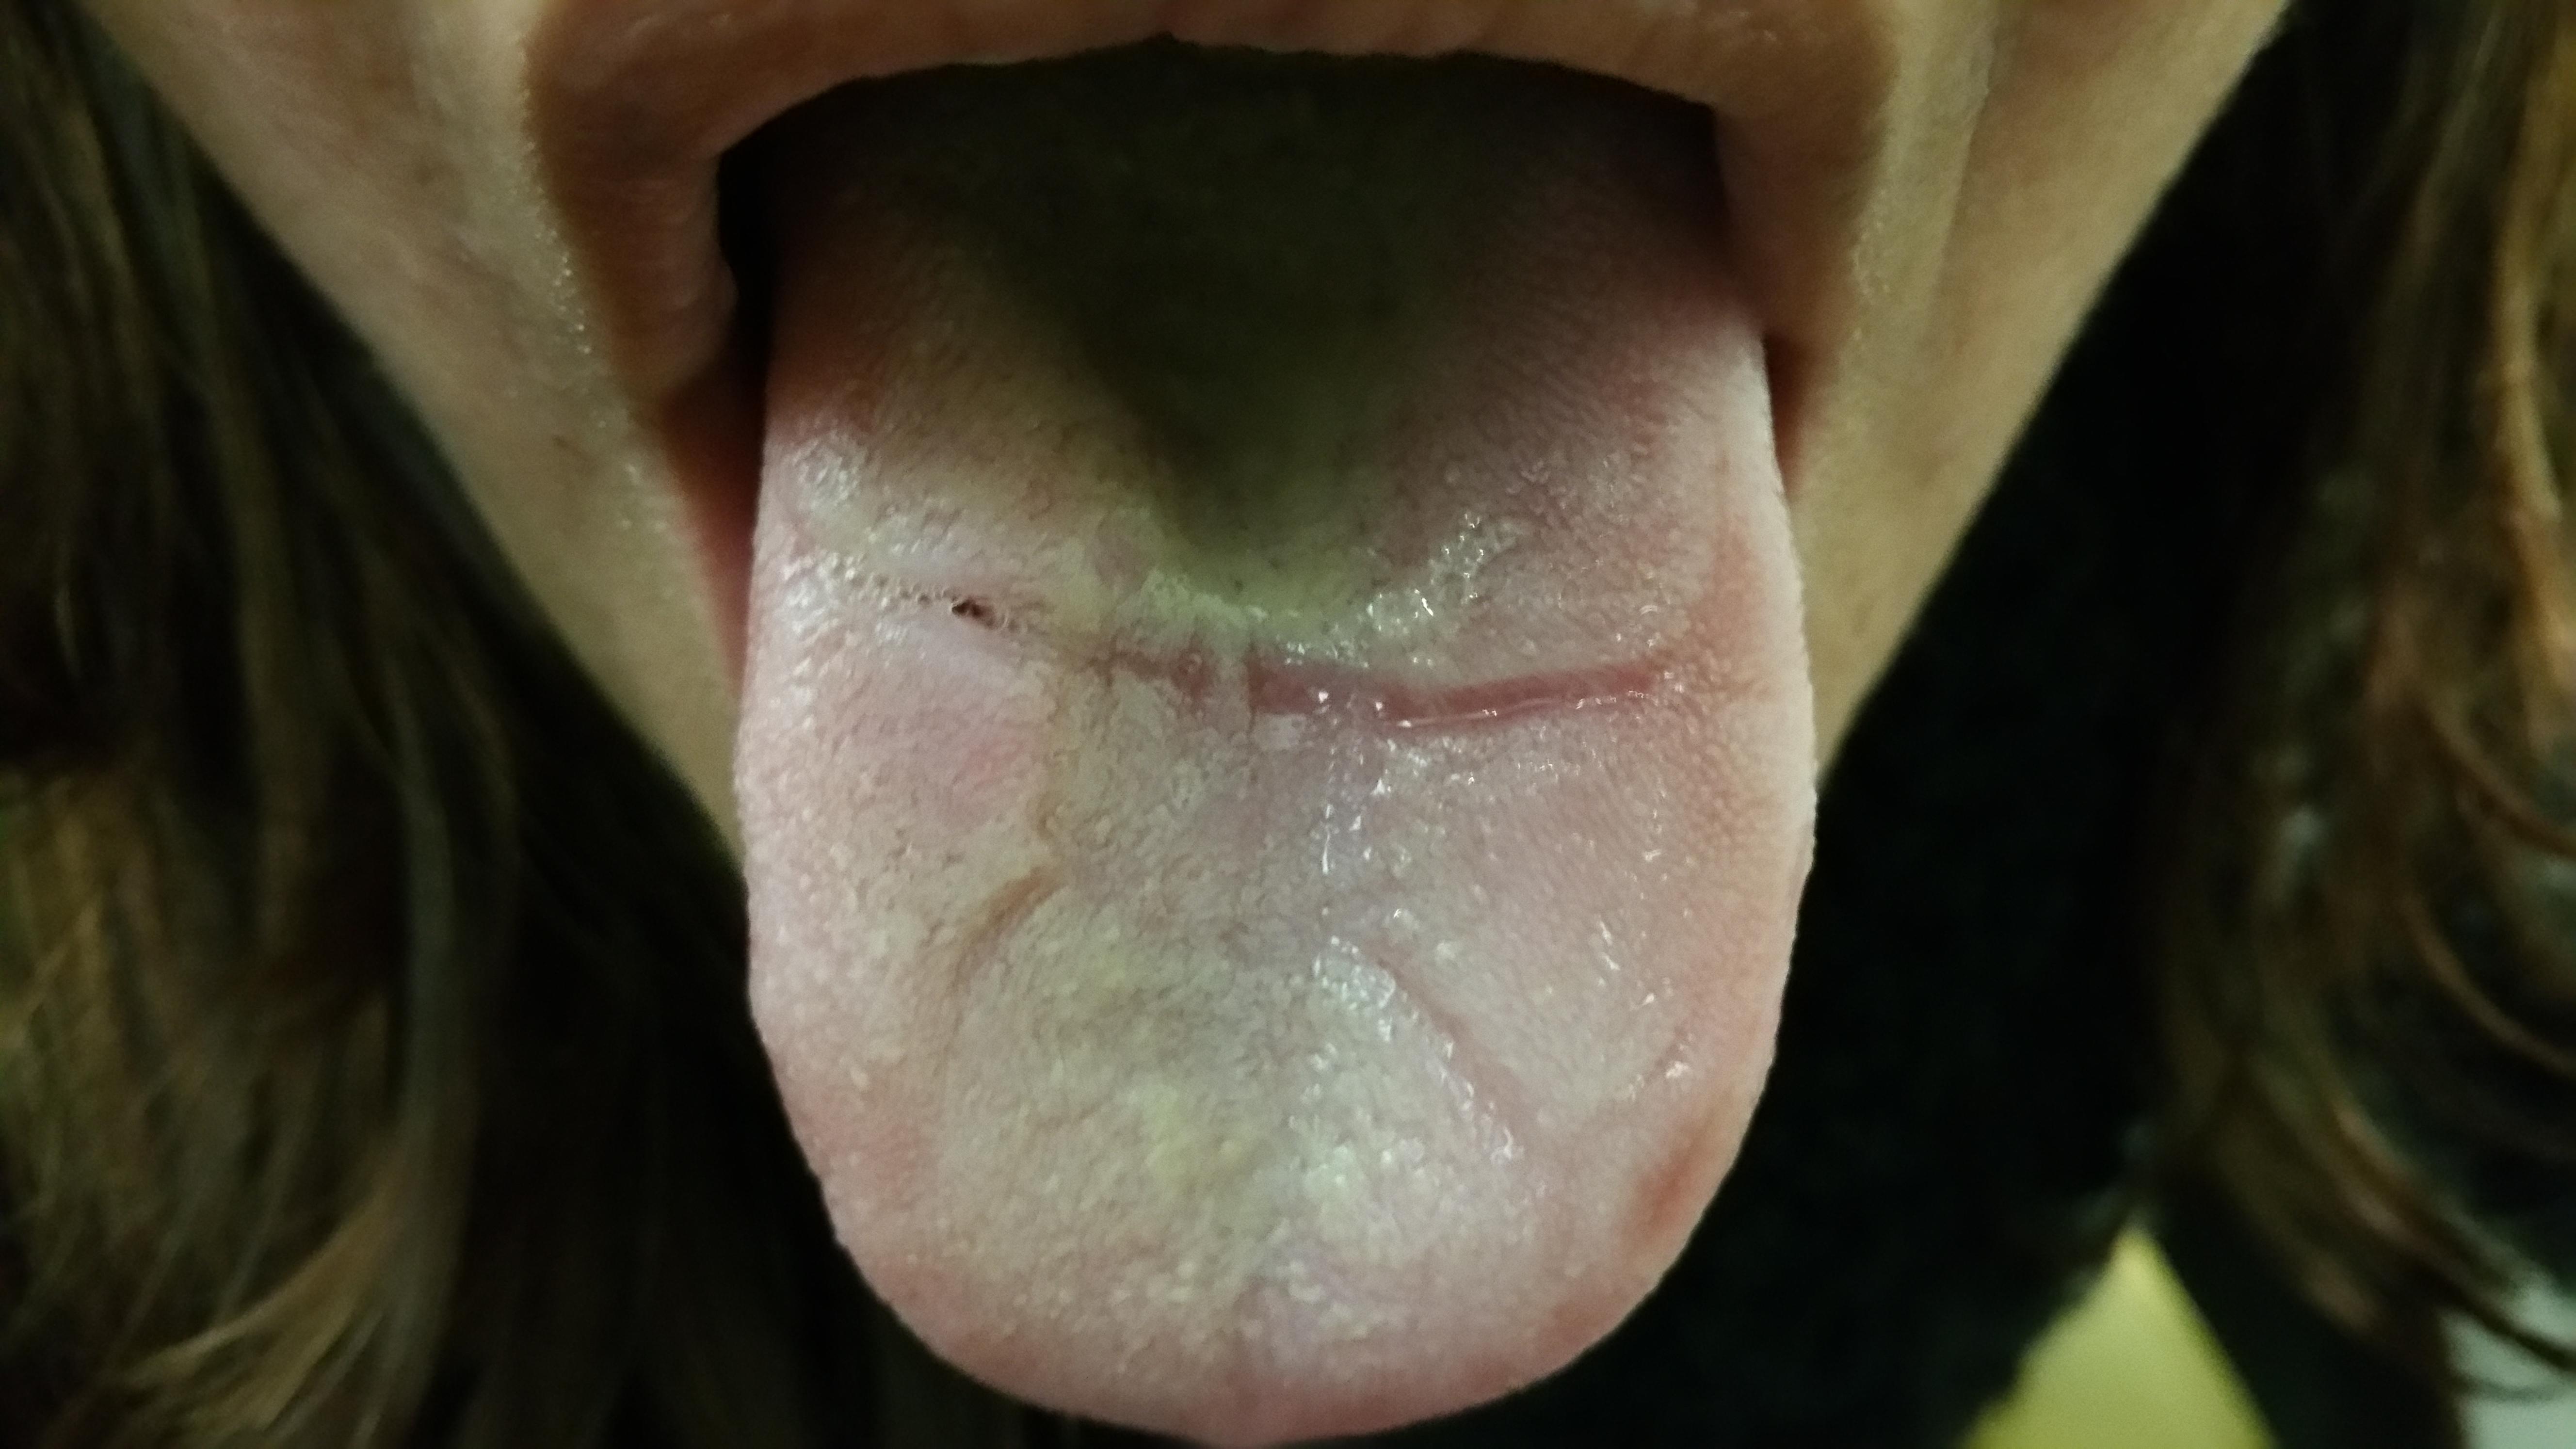 è normale il taglio sulla lingua causato dall'espansore palatale?